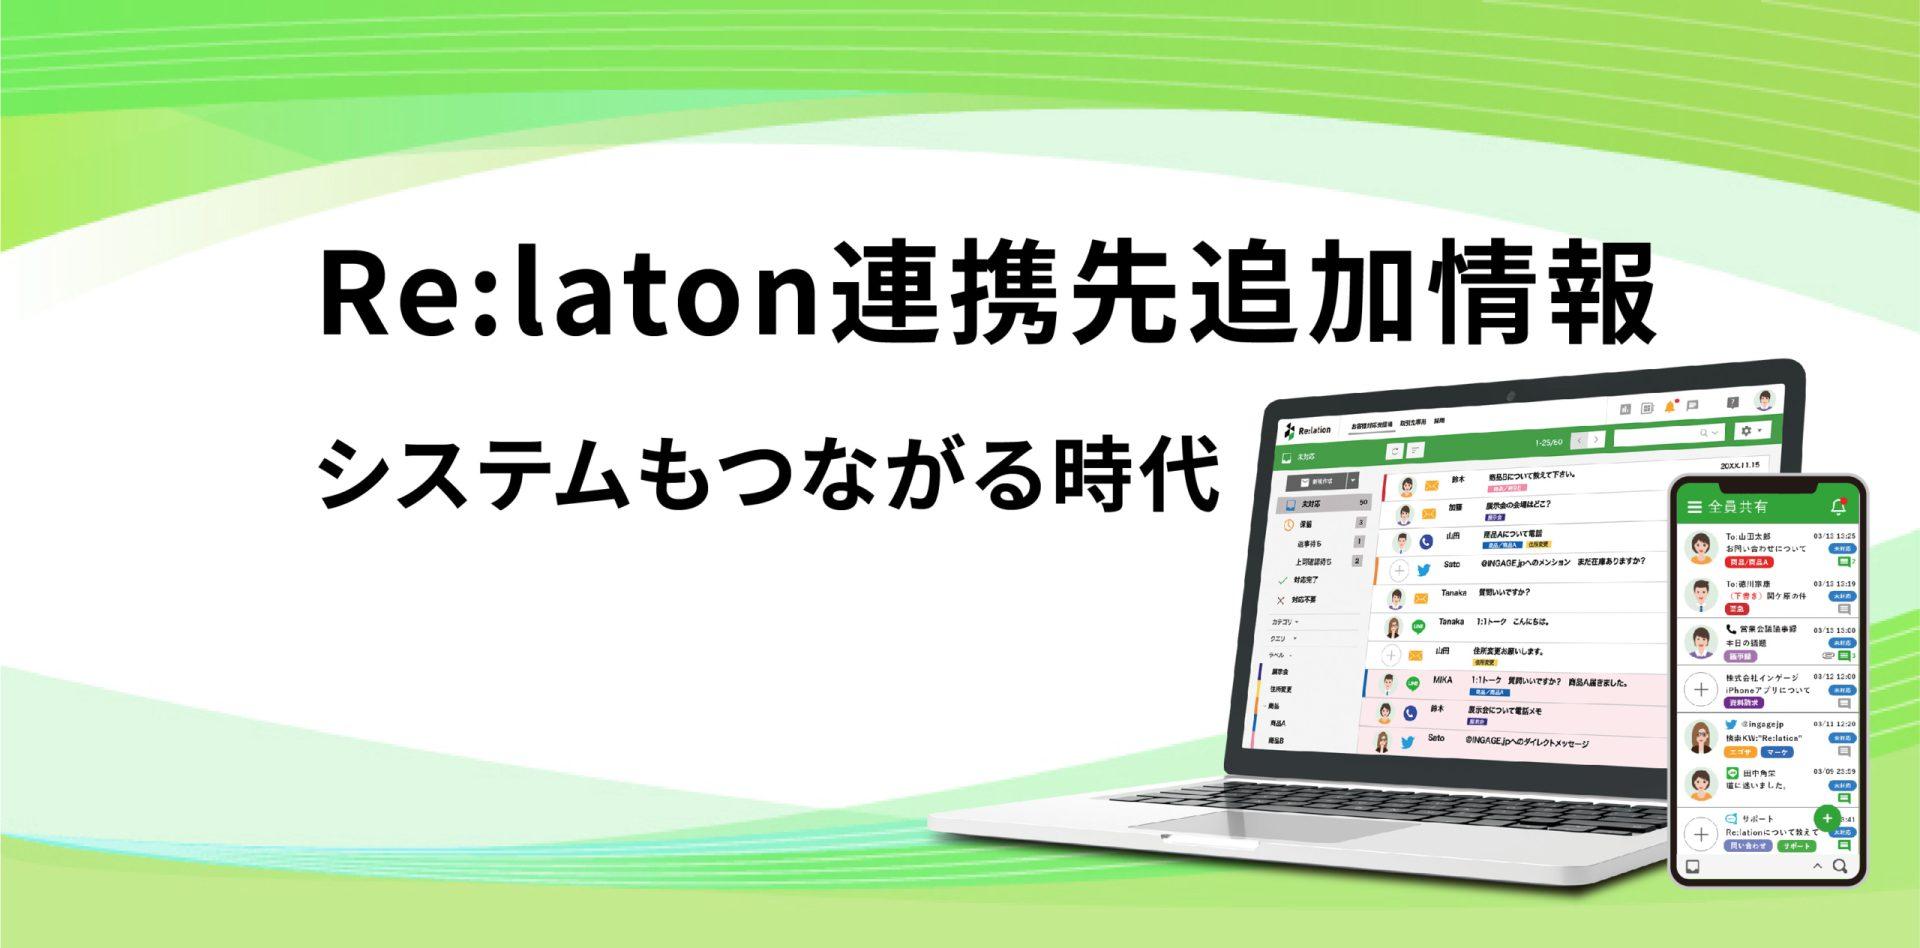 顧客対応クラウド『Re:lation(リレーション)』が受注・在庫一元管理システム『通販する蔵』と新たに同一画面内での対応履歴(タイムライン)表示連携を開始